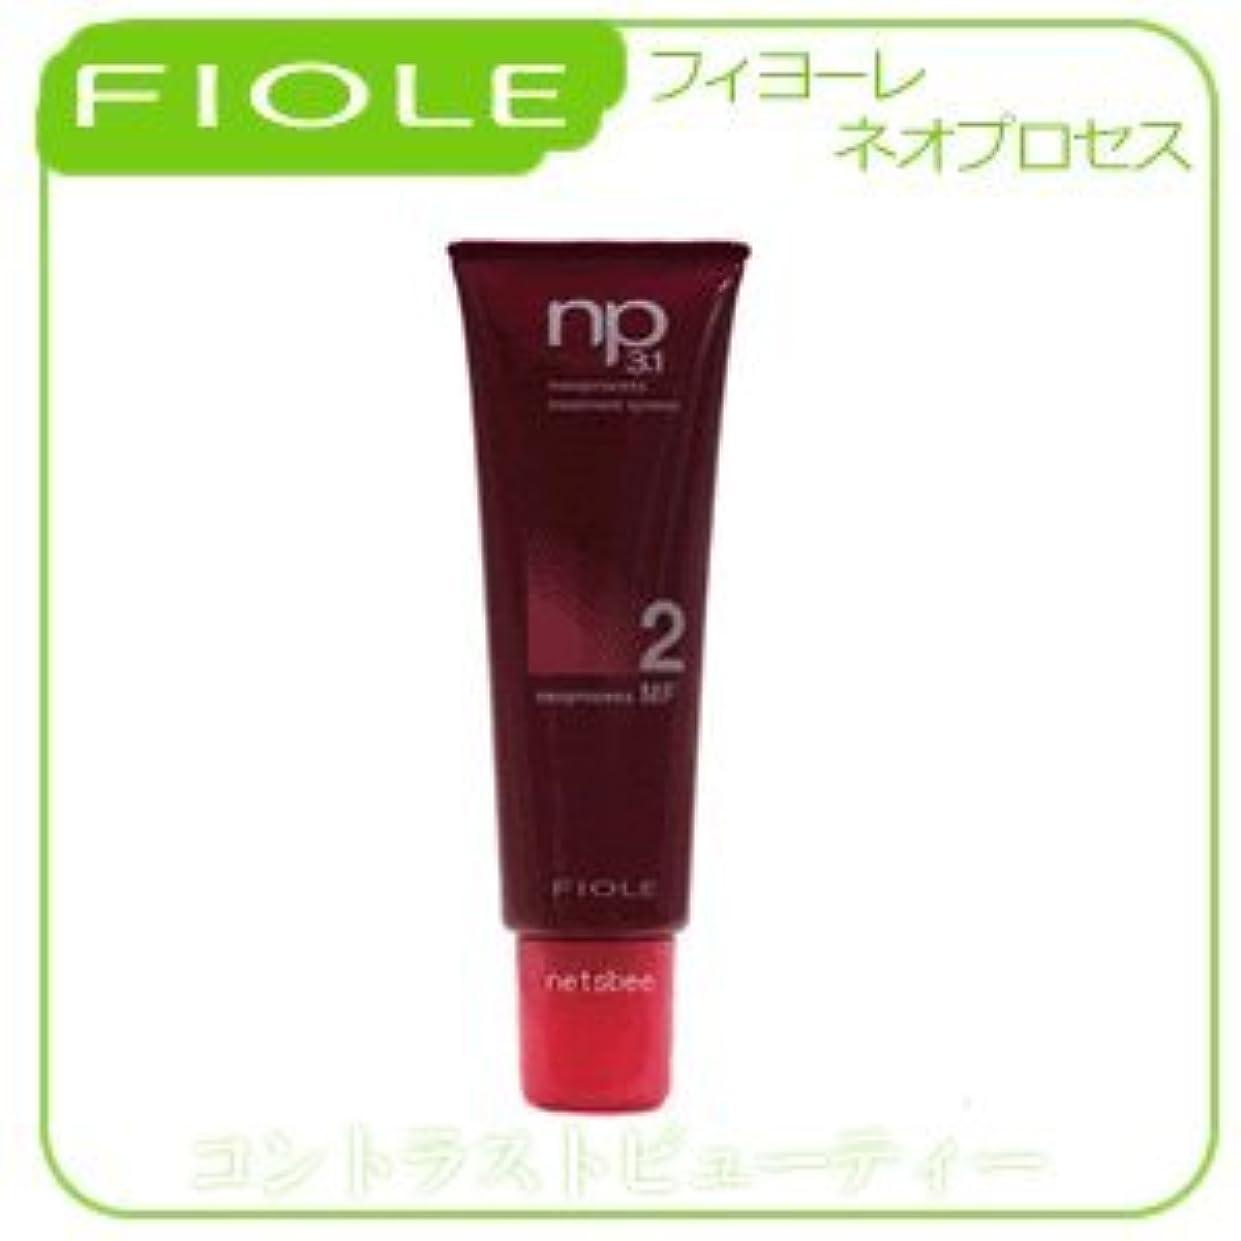 伝記同様にすごいフィヨーレ NP3.1 ネオプロセス MF2 130g FIOLE ネオプロセス